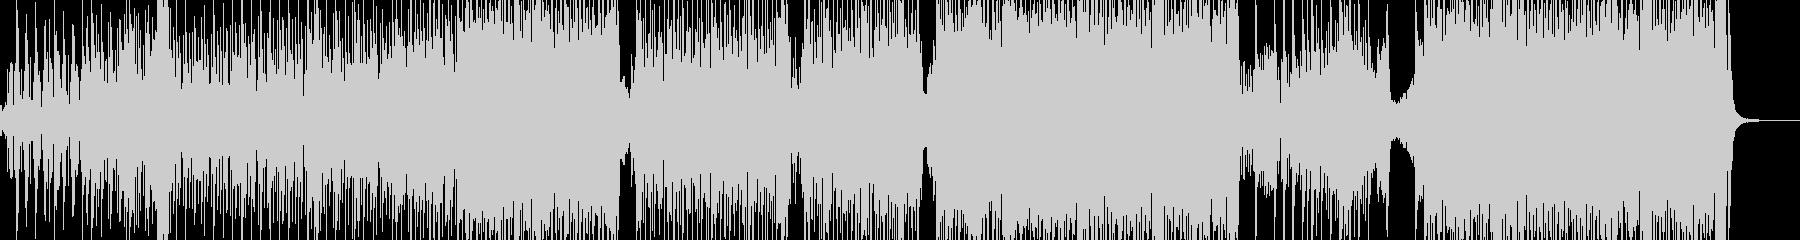 弱肉強食・原始時代イメージのテクノ B2の未再生の波形